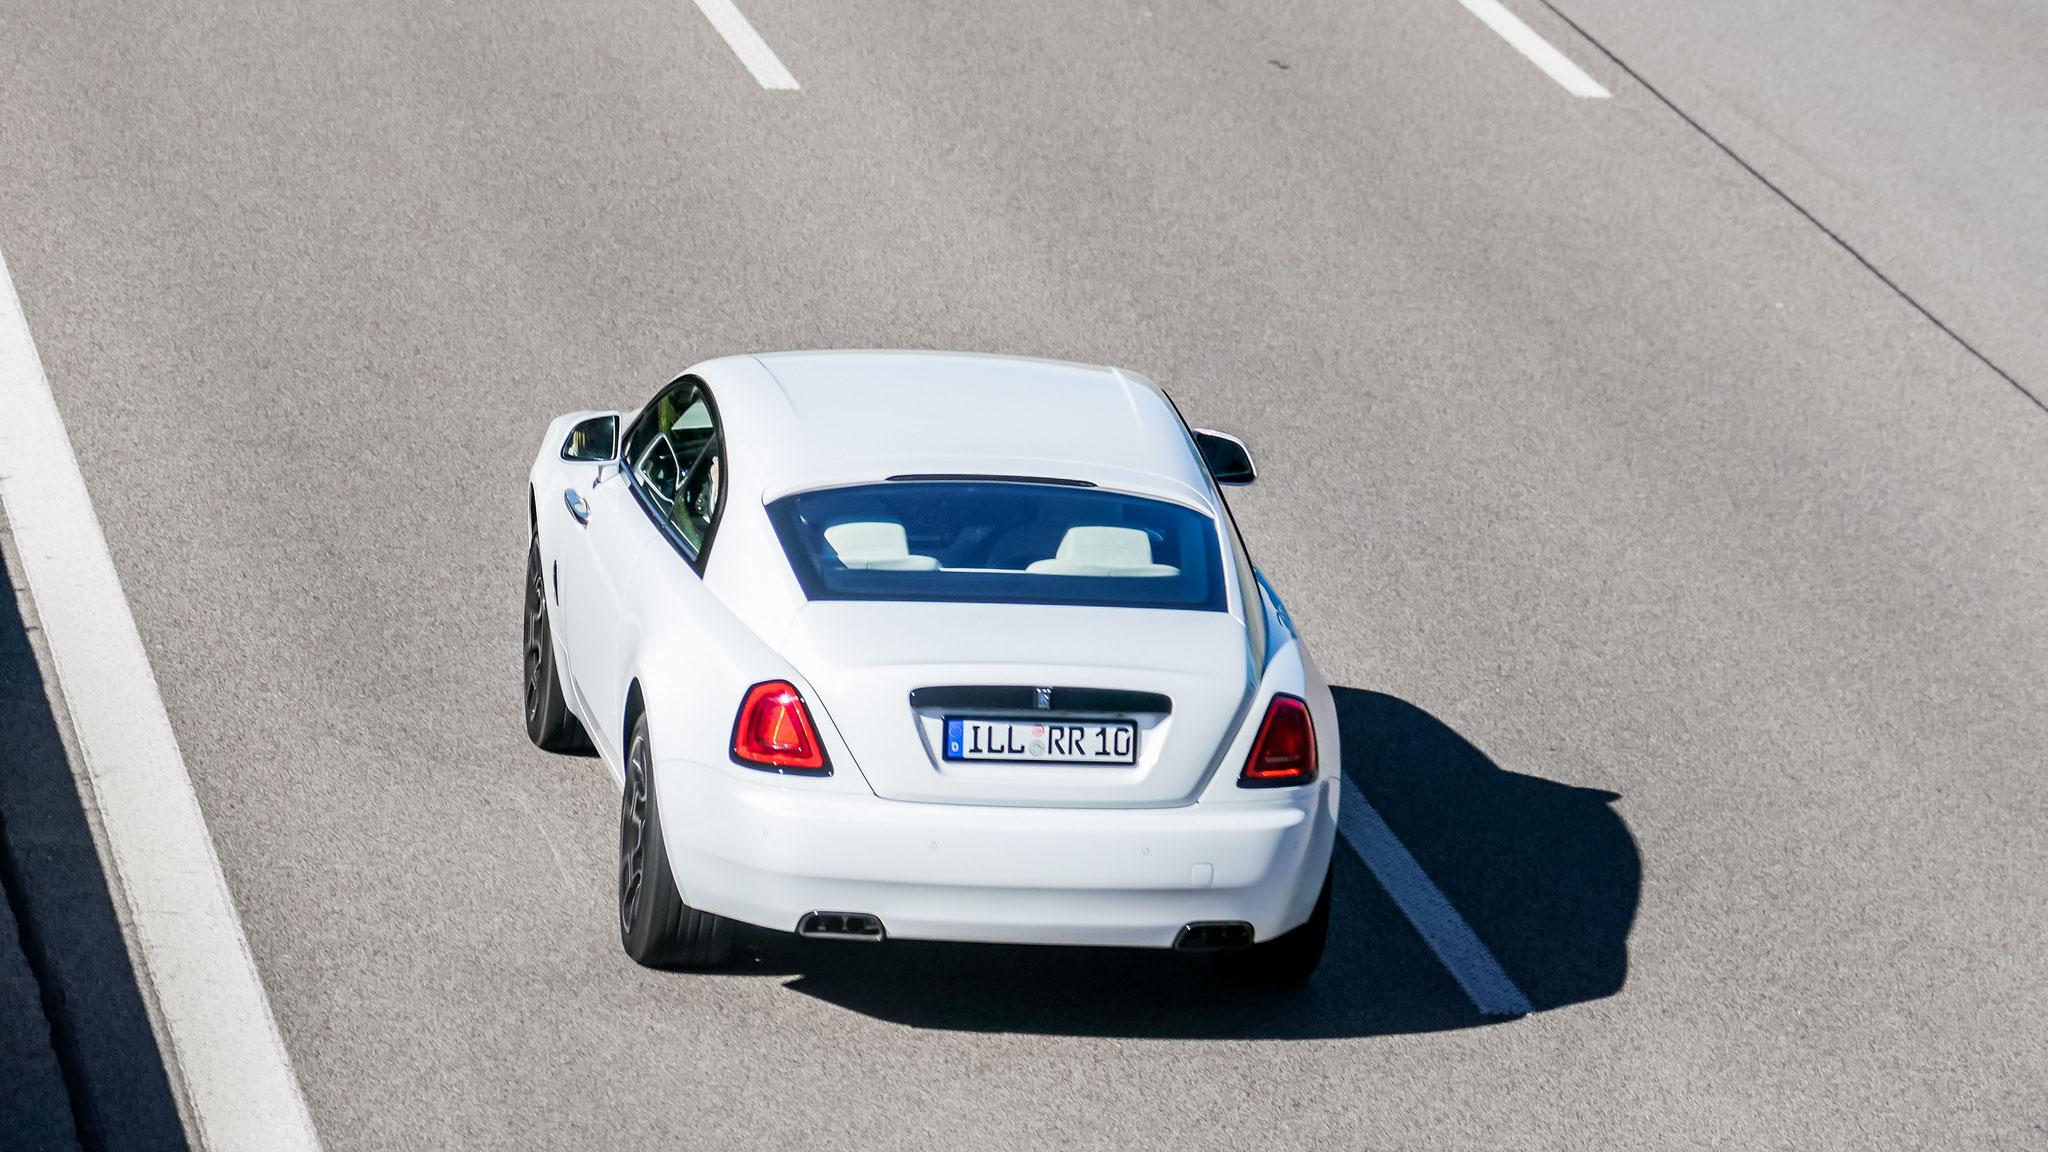 Rolls Royce Wraith - ILL-RR-10